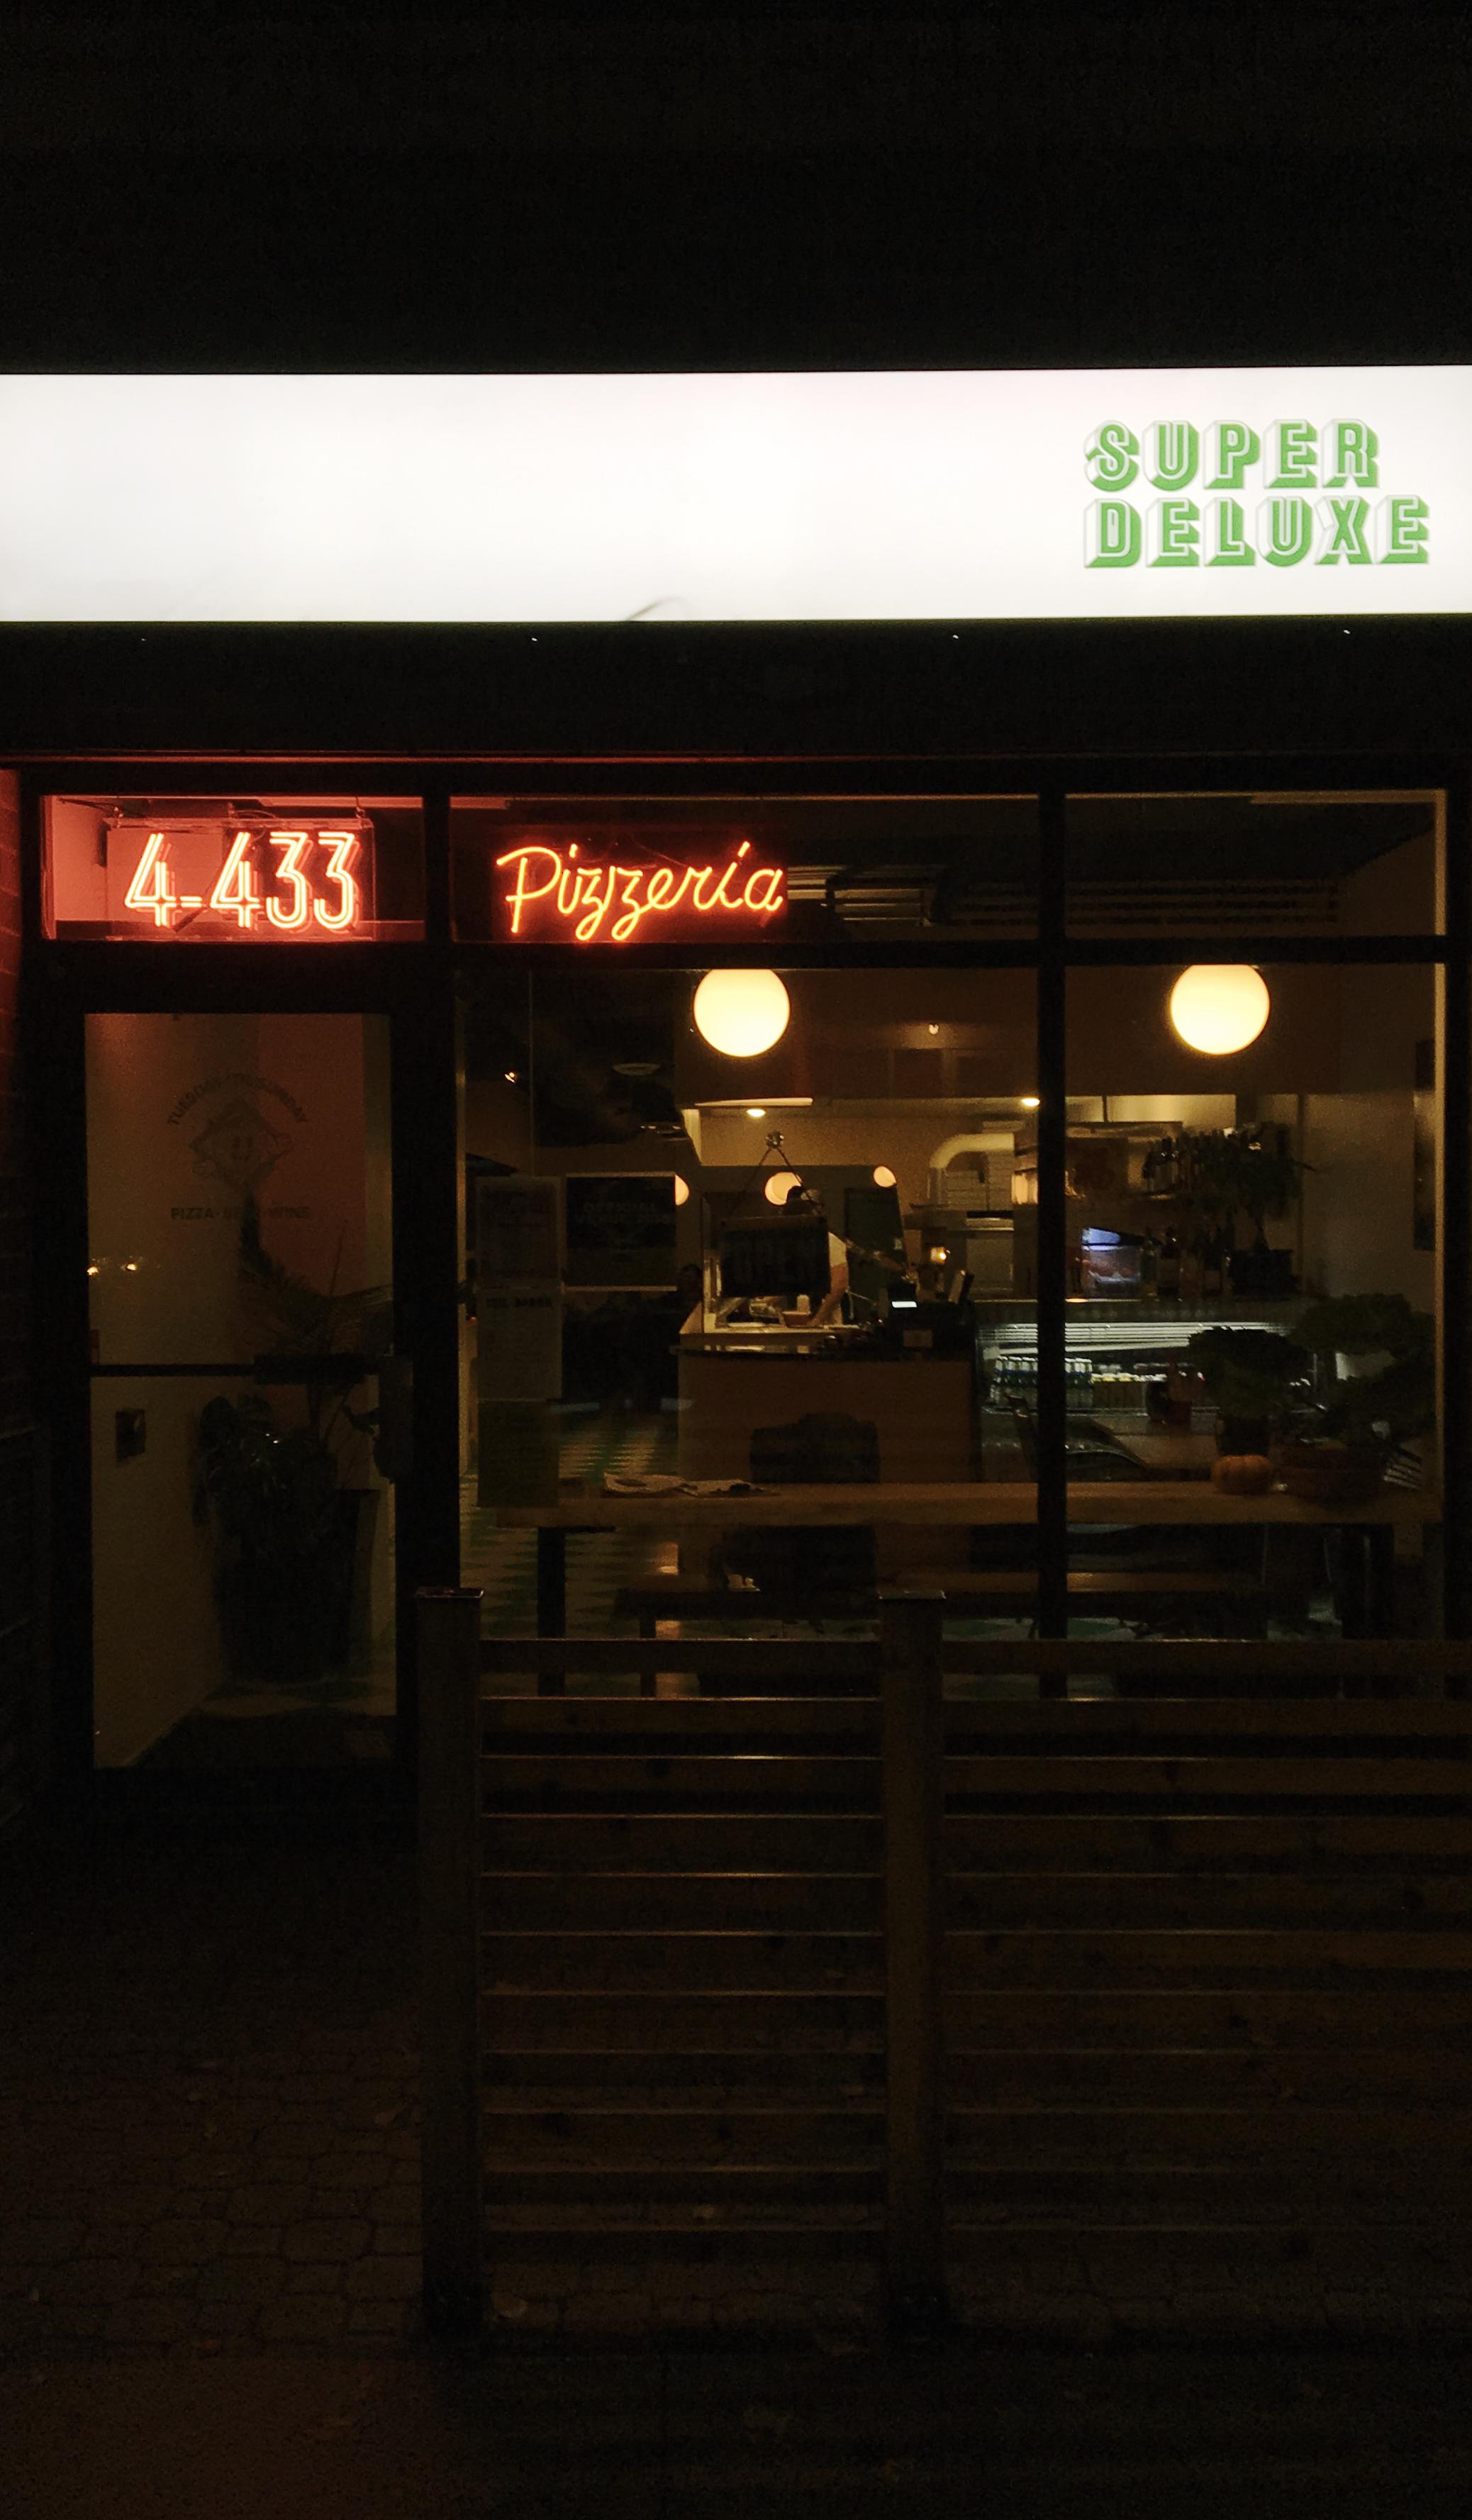 Super Deluxe Pizzeria: 4-443 River Ave.